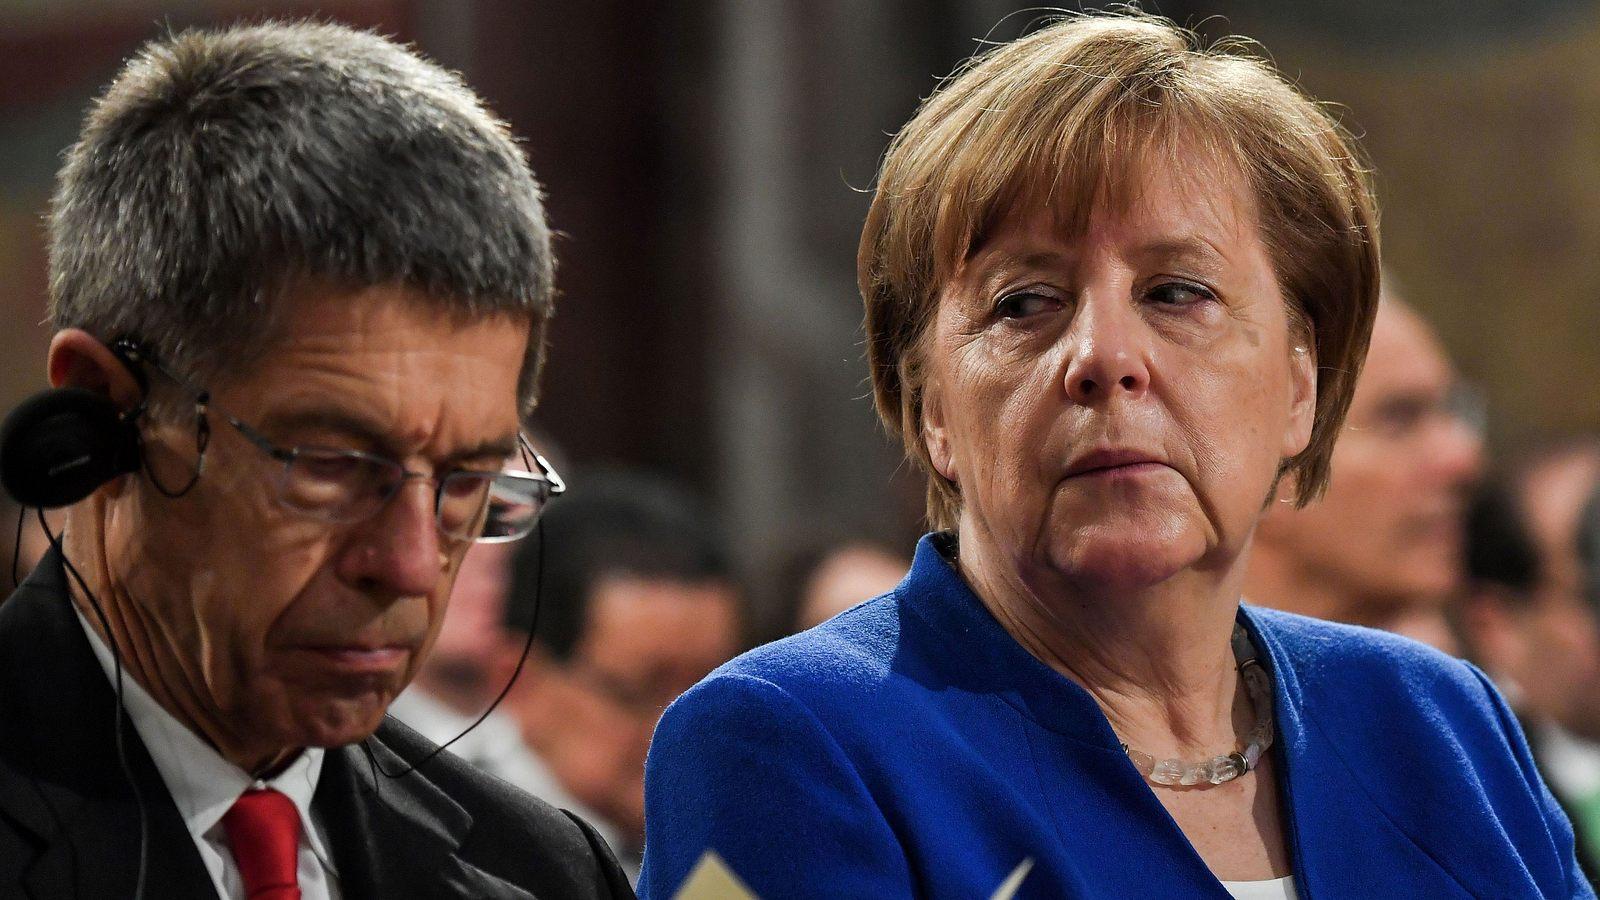 Angela Merkel & Joachim Sauer: Sie gehen getrennte Wege